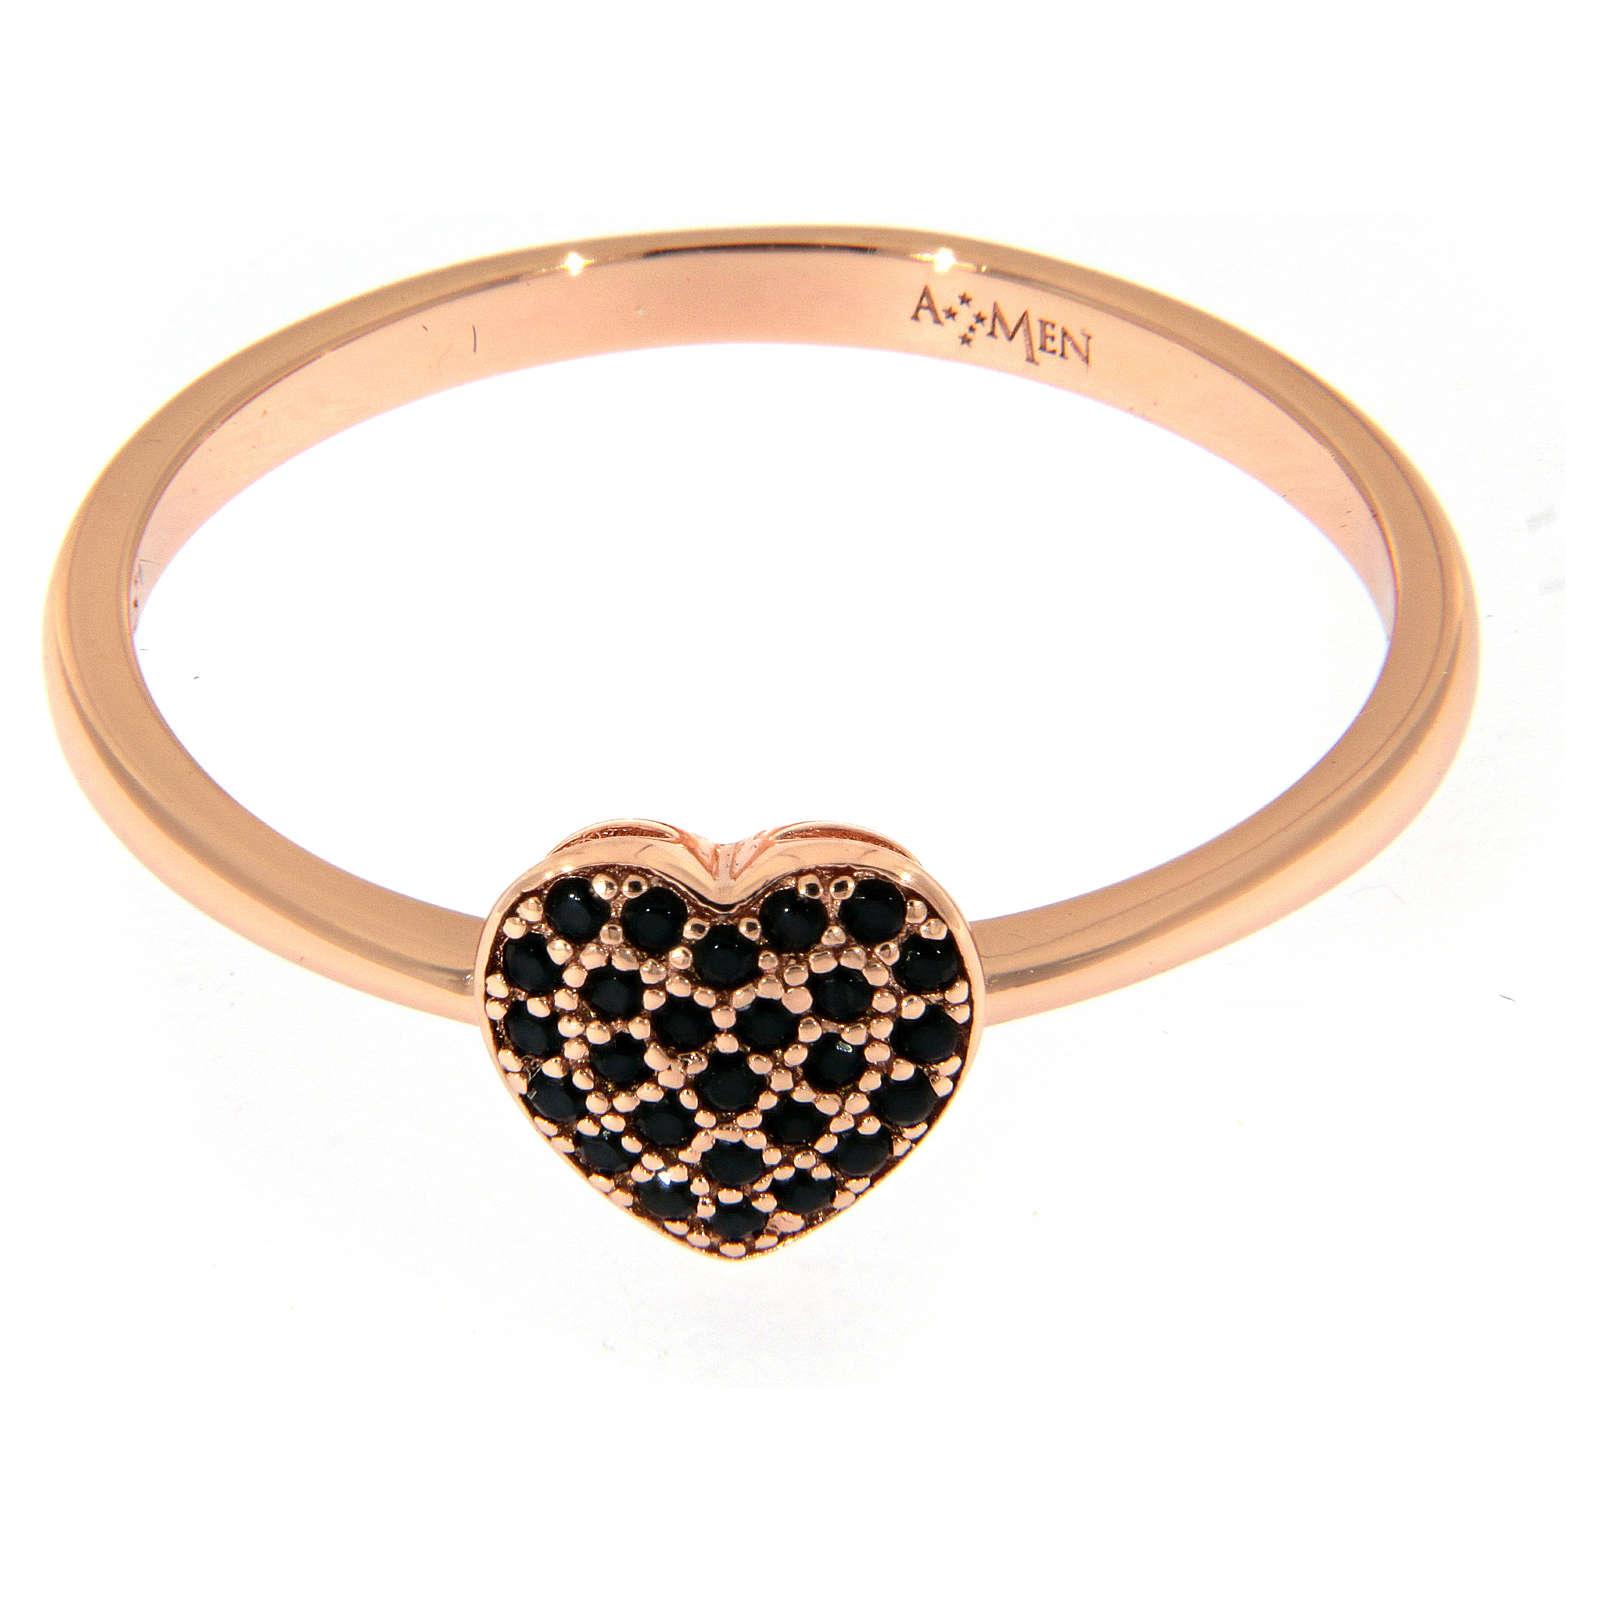 Anillo AMEN plata 925 rosada corazón zircones negros 3